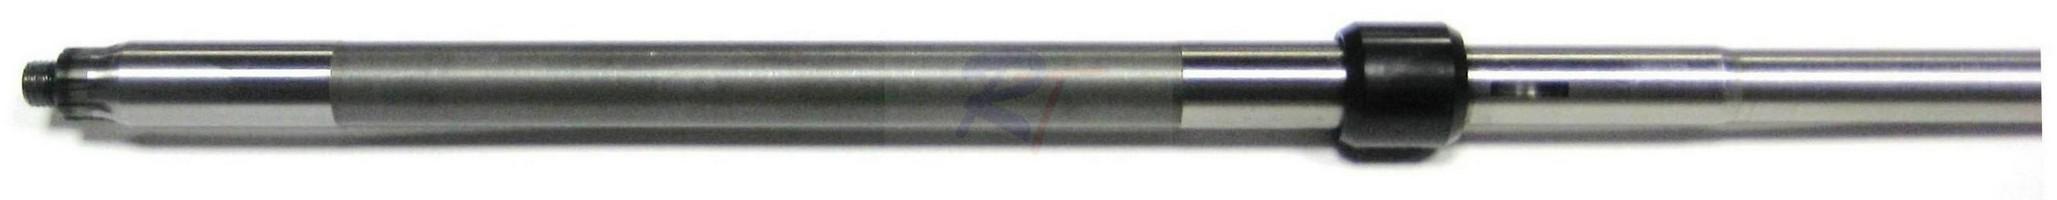 RTT-63V-45510-01. Вал ведущий, вертикальный RTT-63V-45510-01